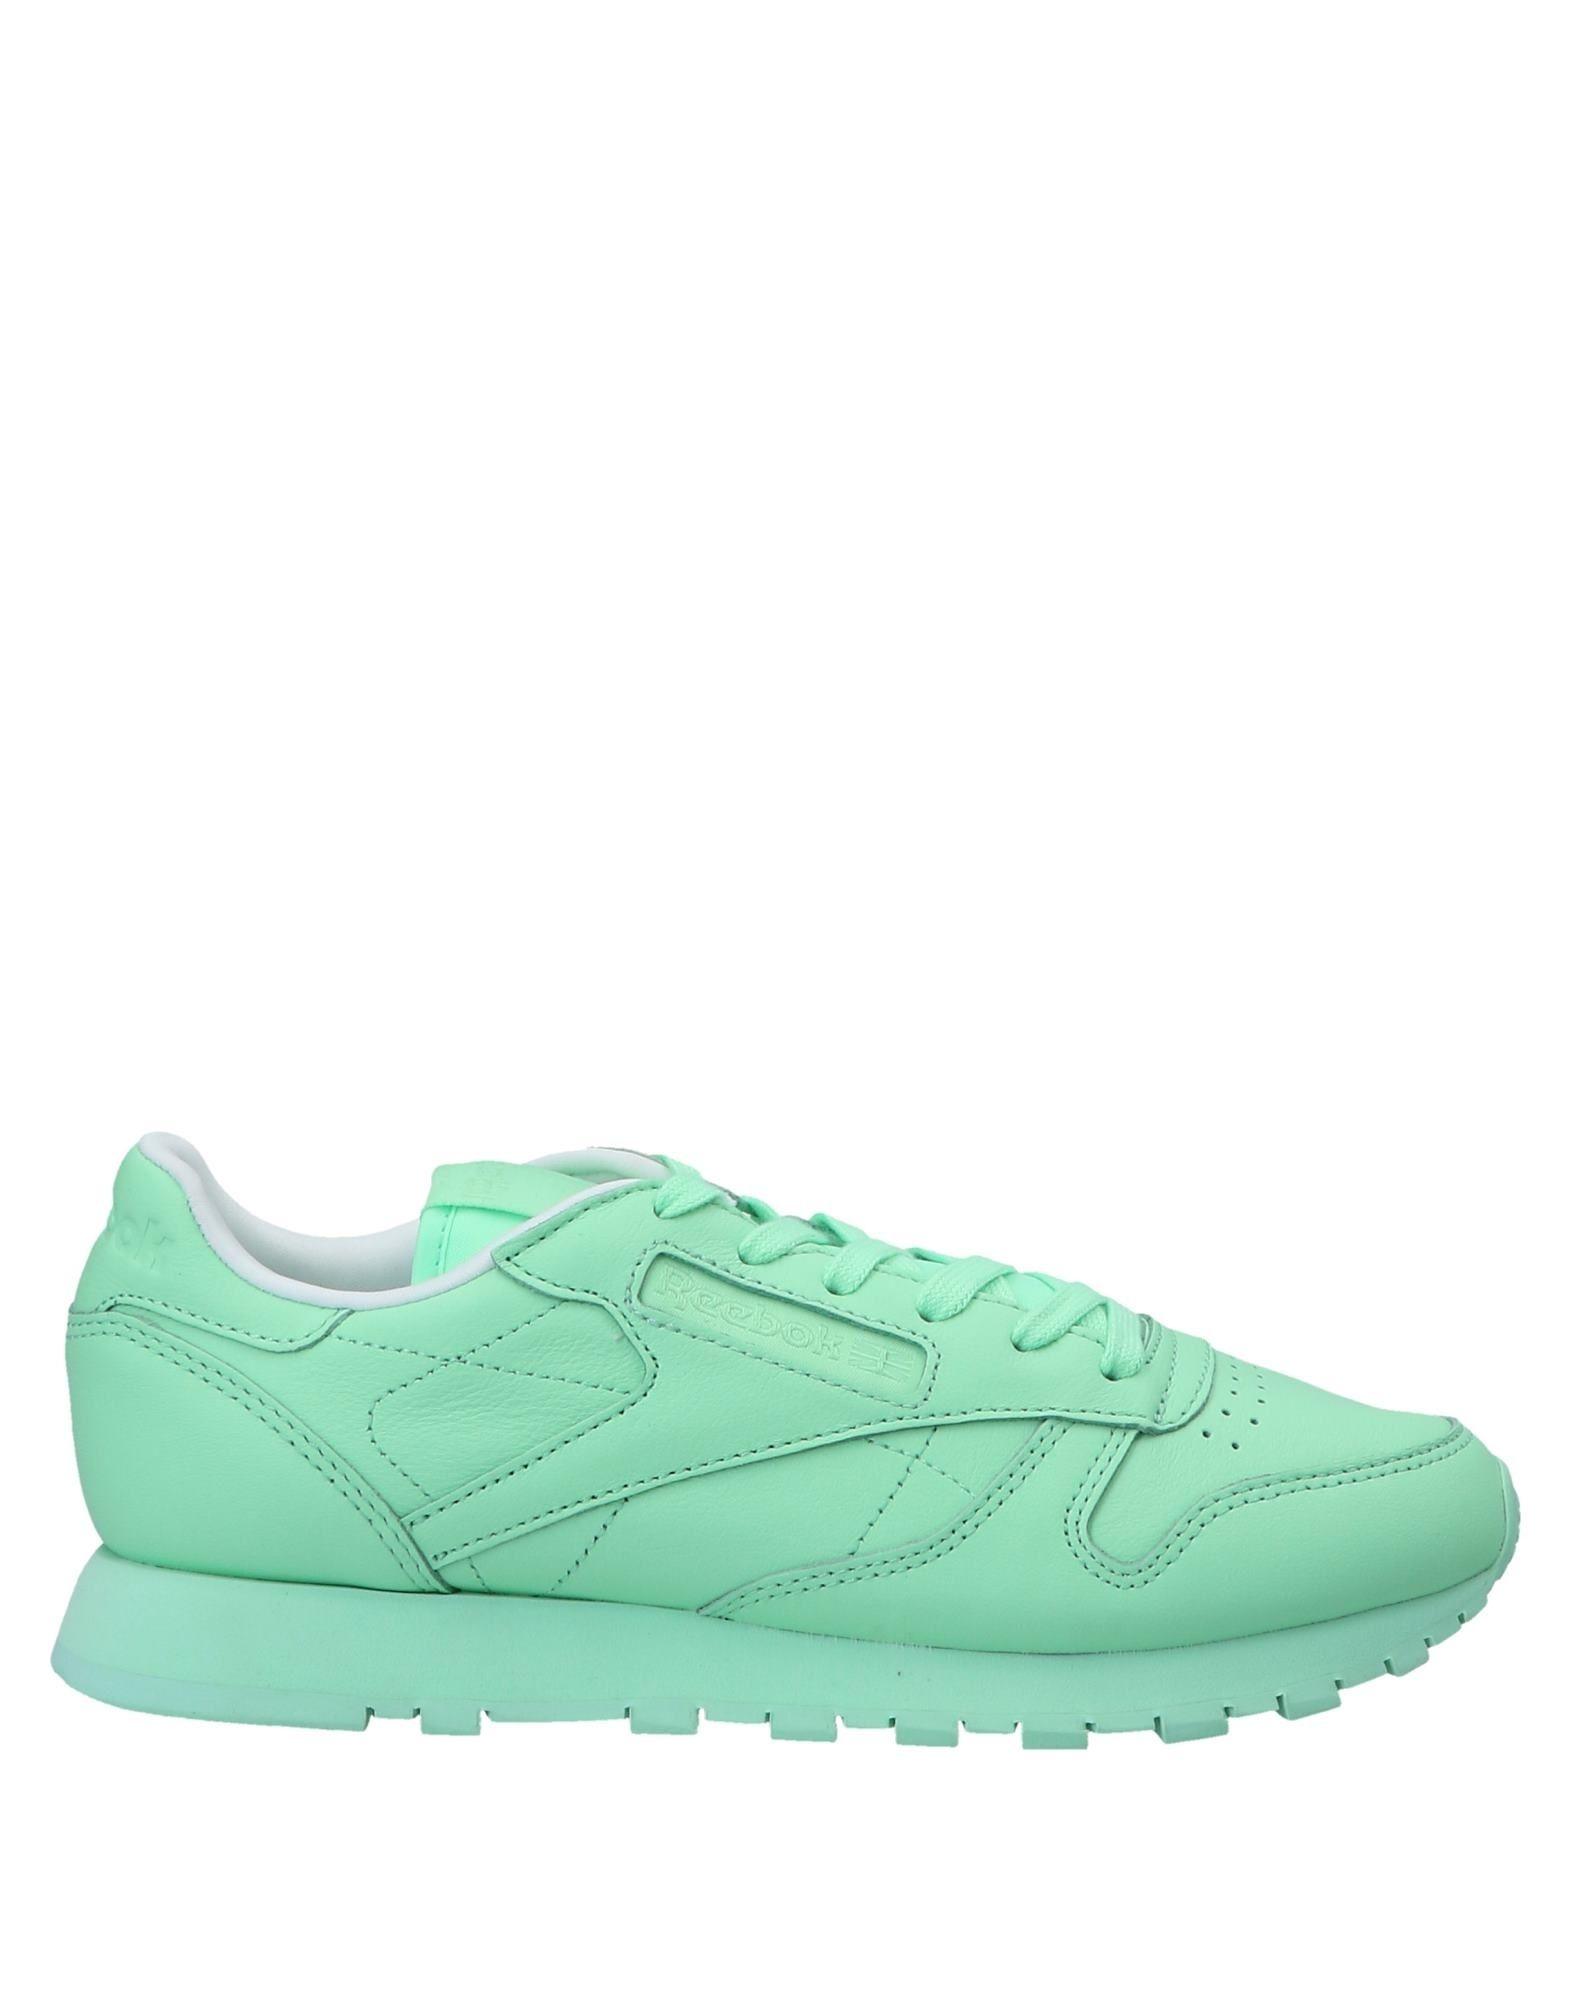 Reebok Sneakers online - Women Reebok Sneakers online Sneakers on  Canada - 11552827PO 7d62e5